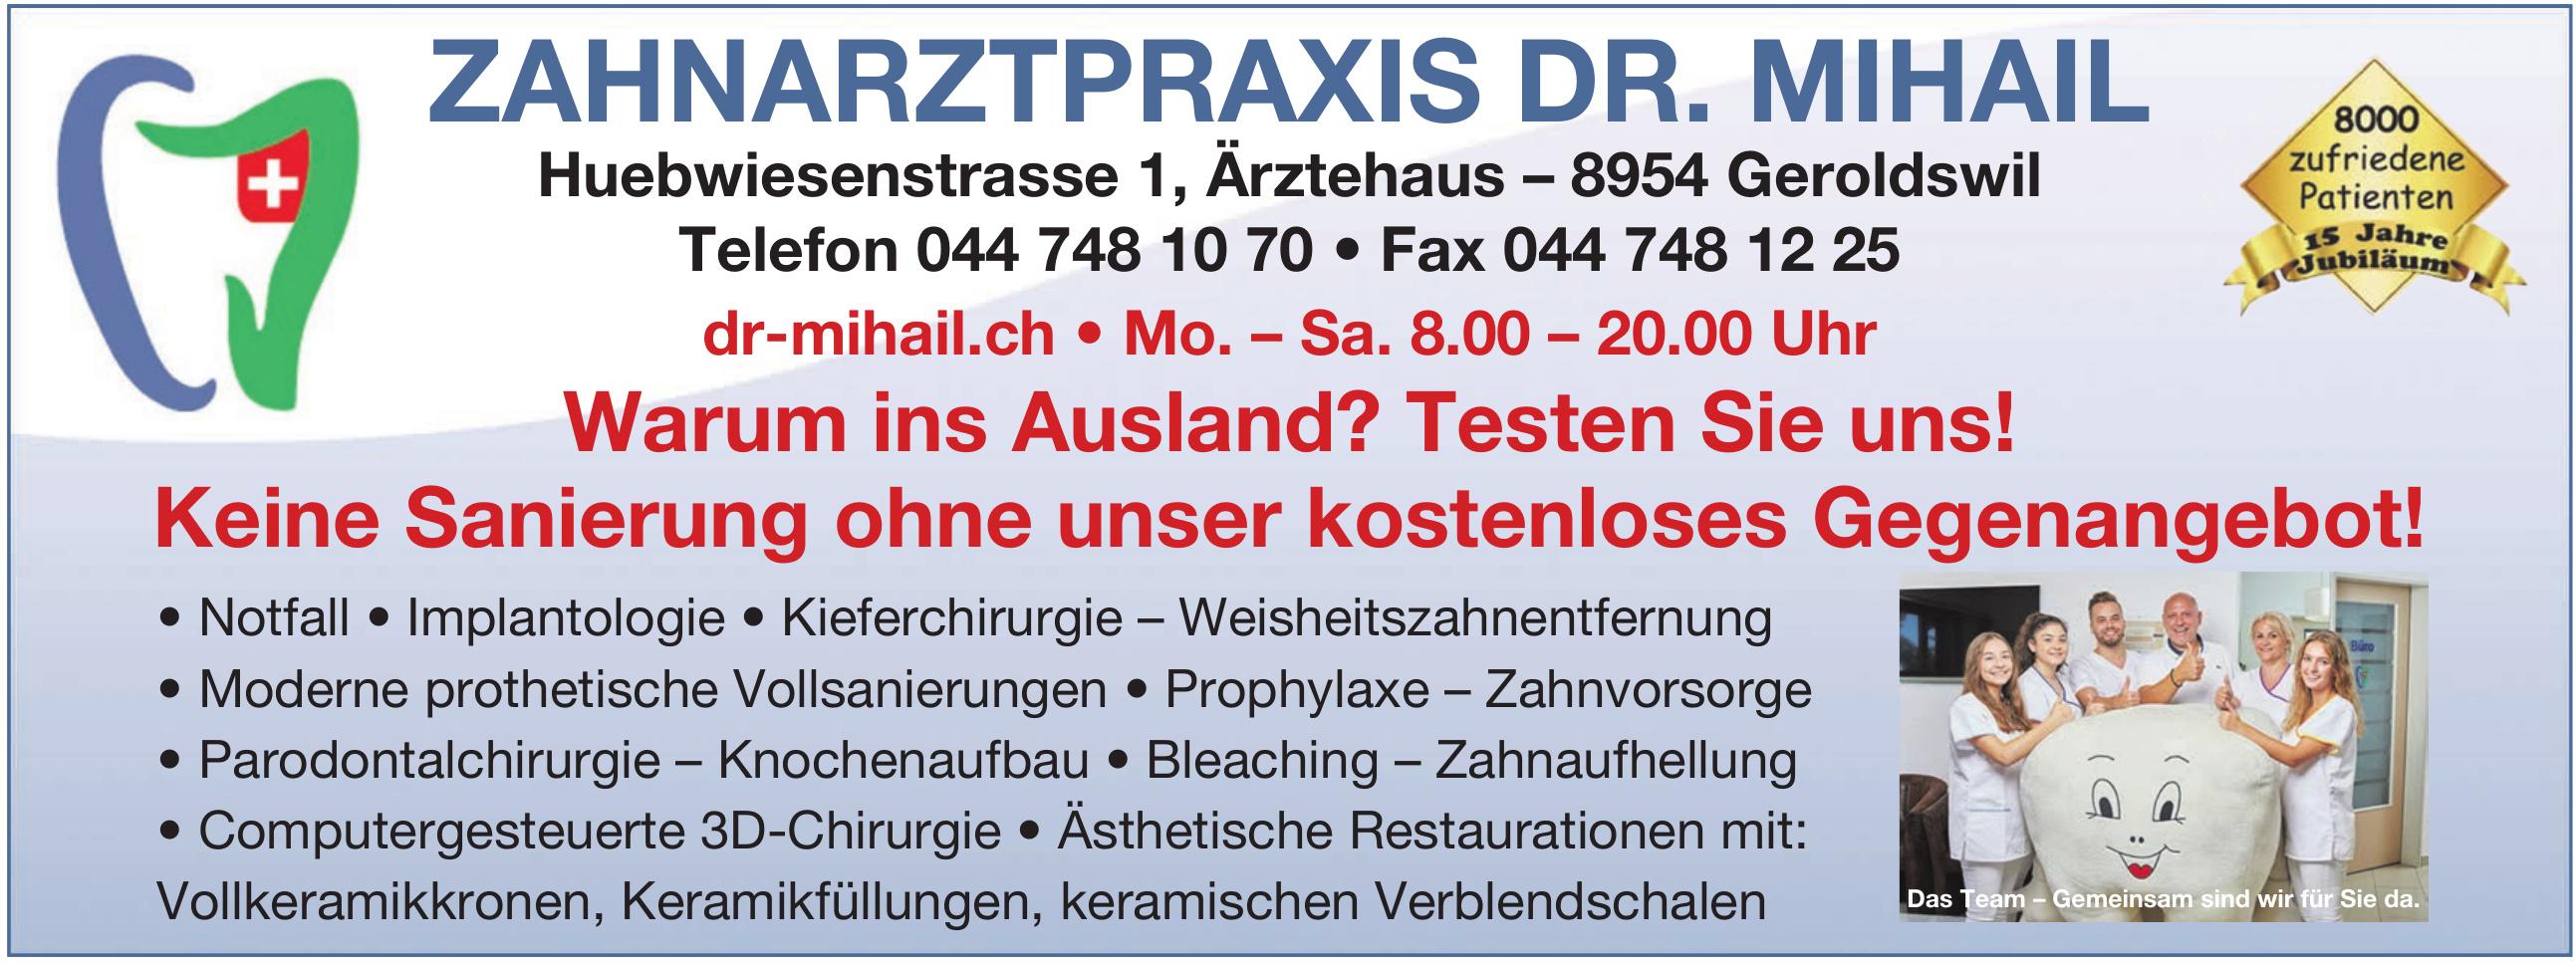 Zahnarztpraxis Dr. Mihail